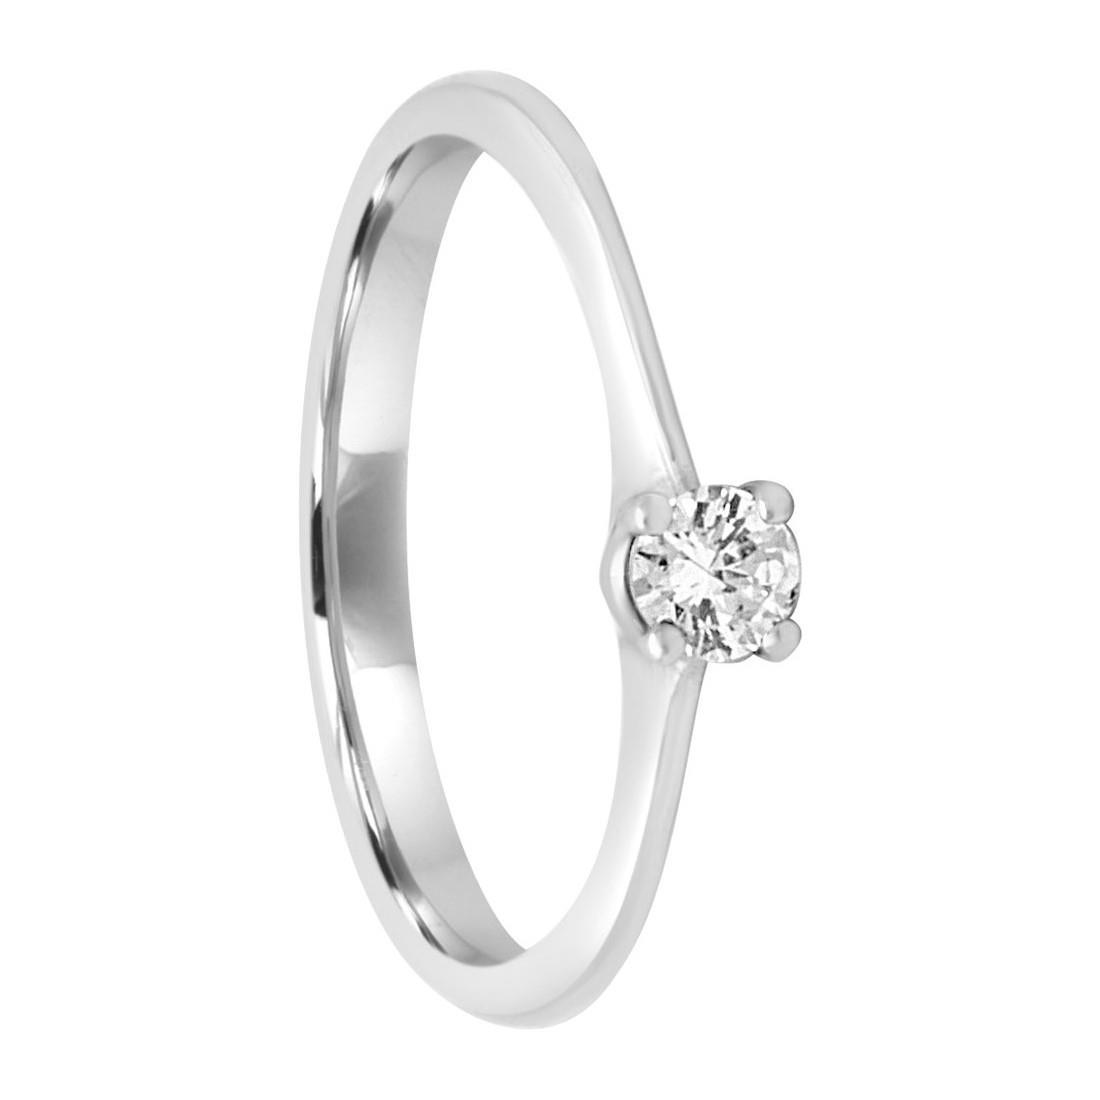 Anello in oro bianco con diamante ct 0.16, misura 14 - ORO&CO